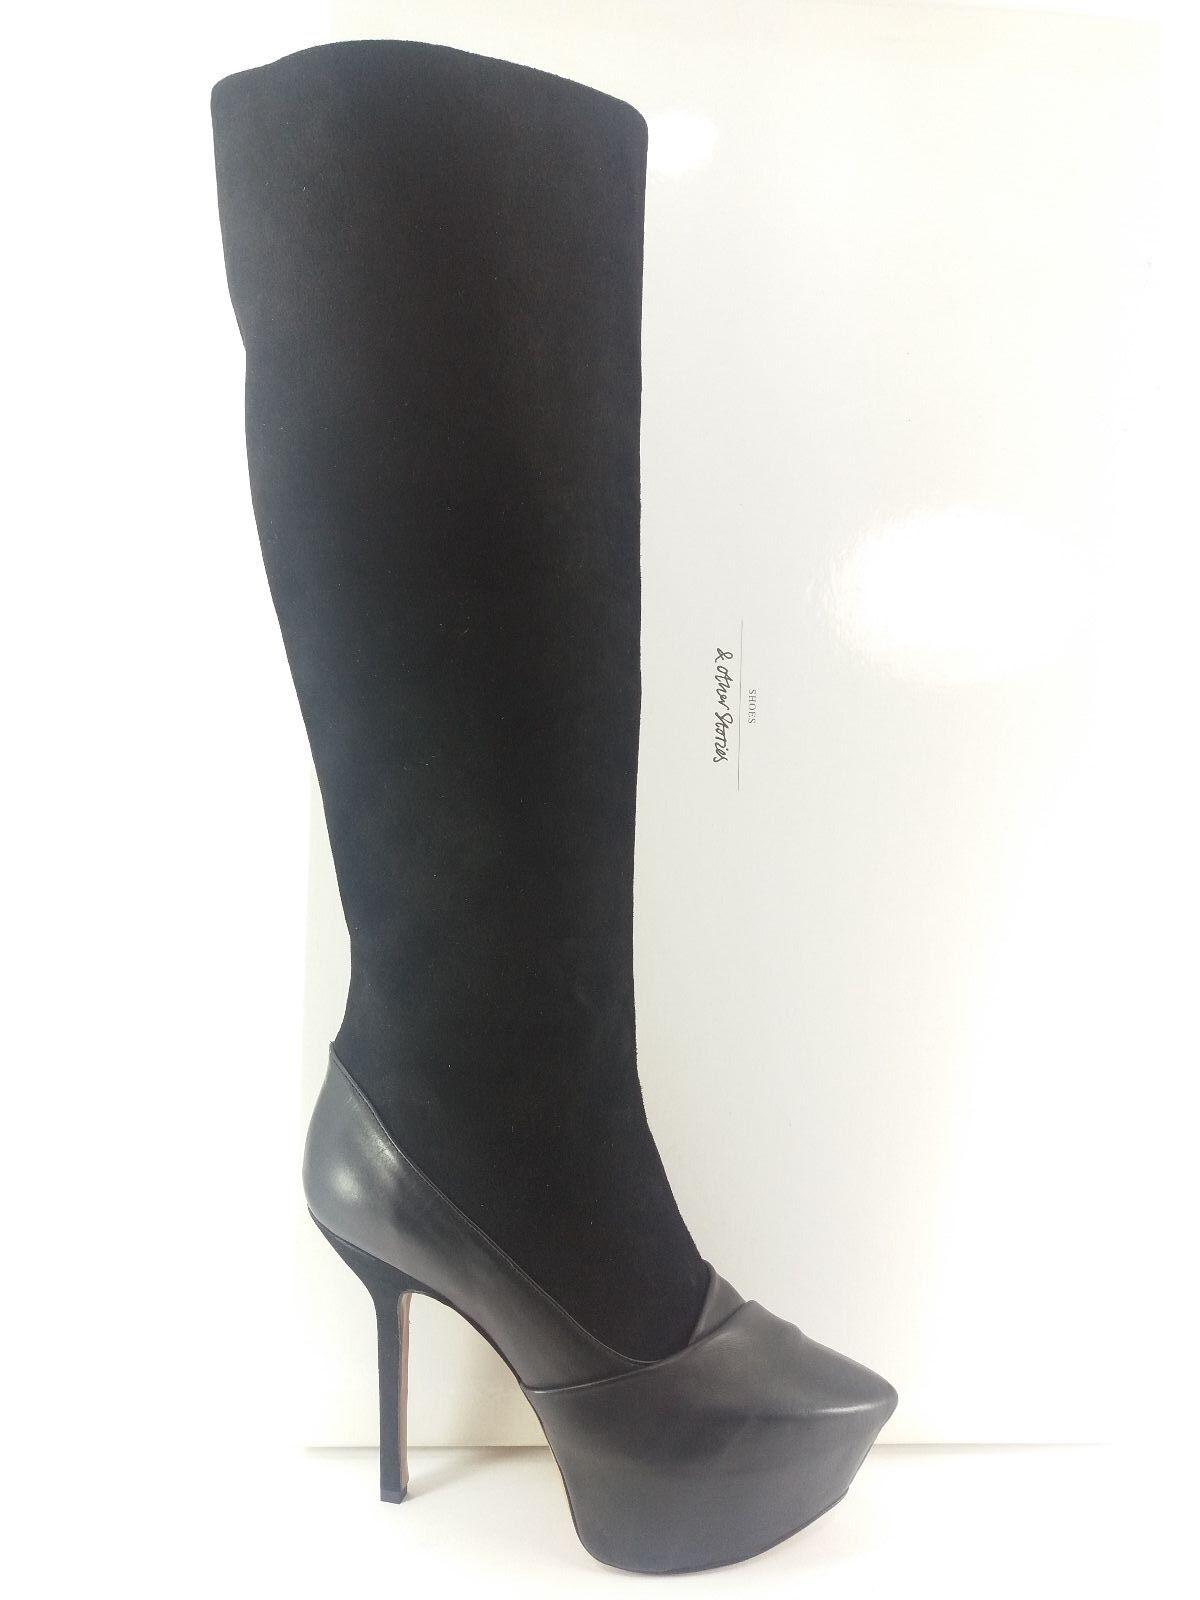 I16-OT femmeschaussures 39 bottes chaussures & OTHEN STORIES noir TAC 12 MADE IN ITALY